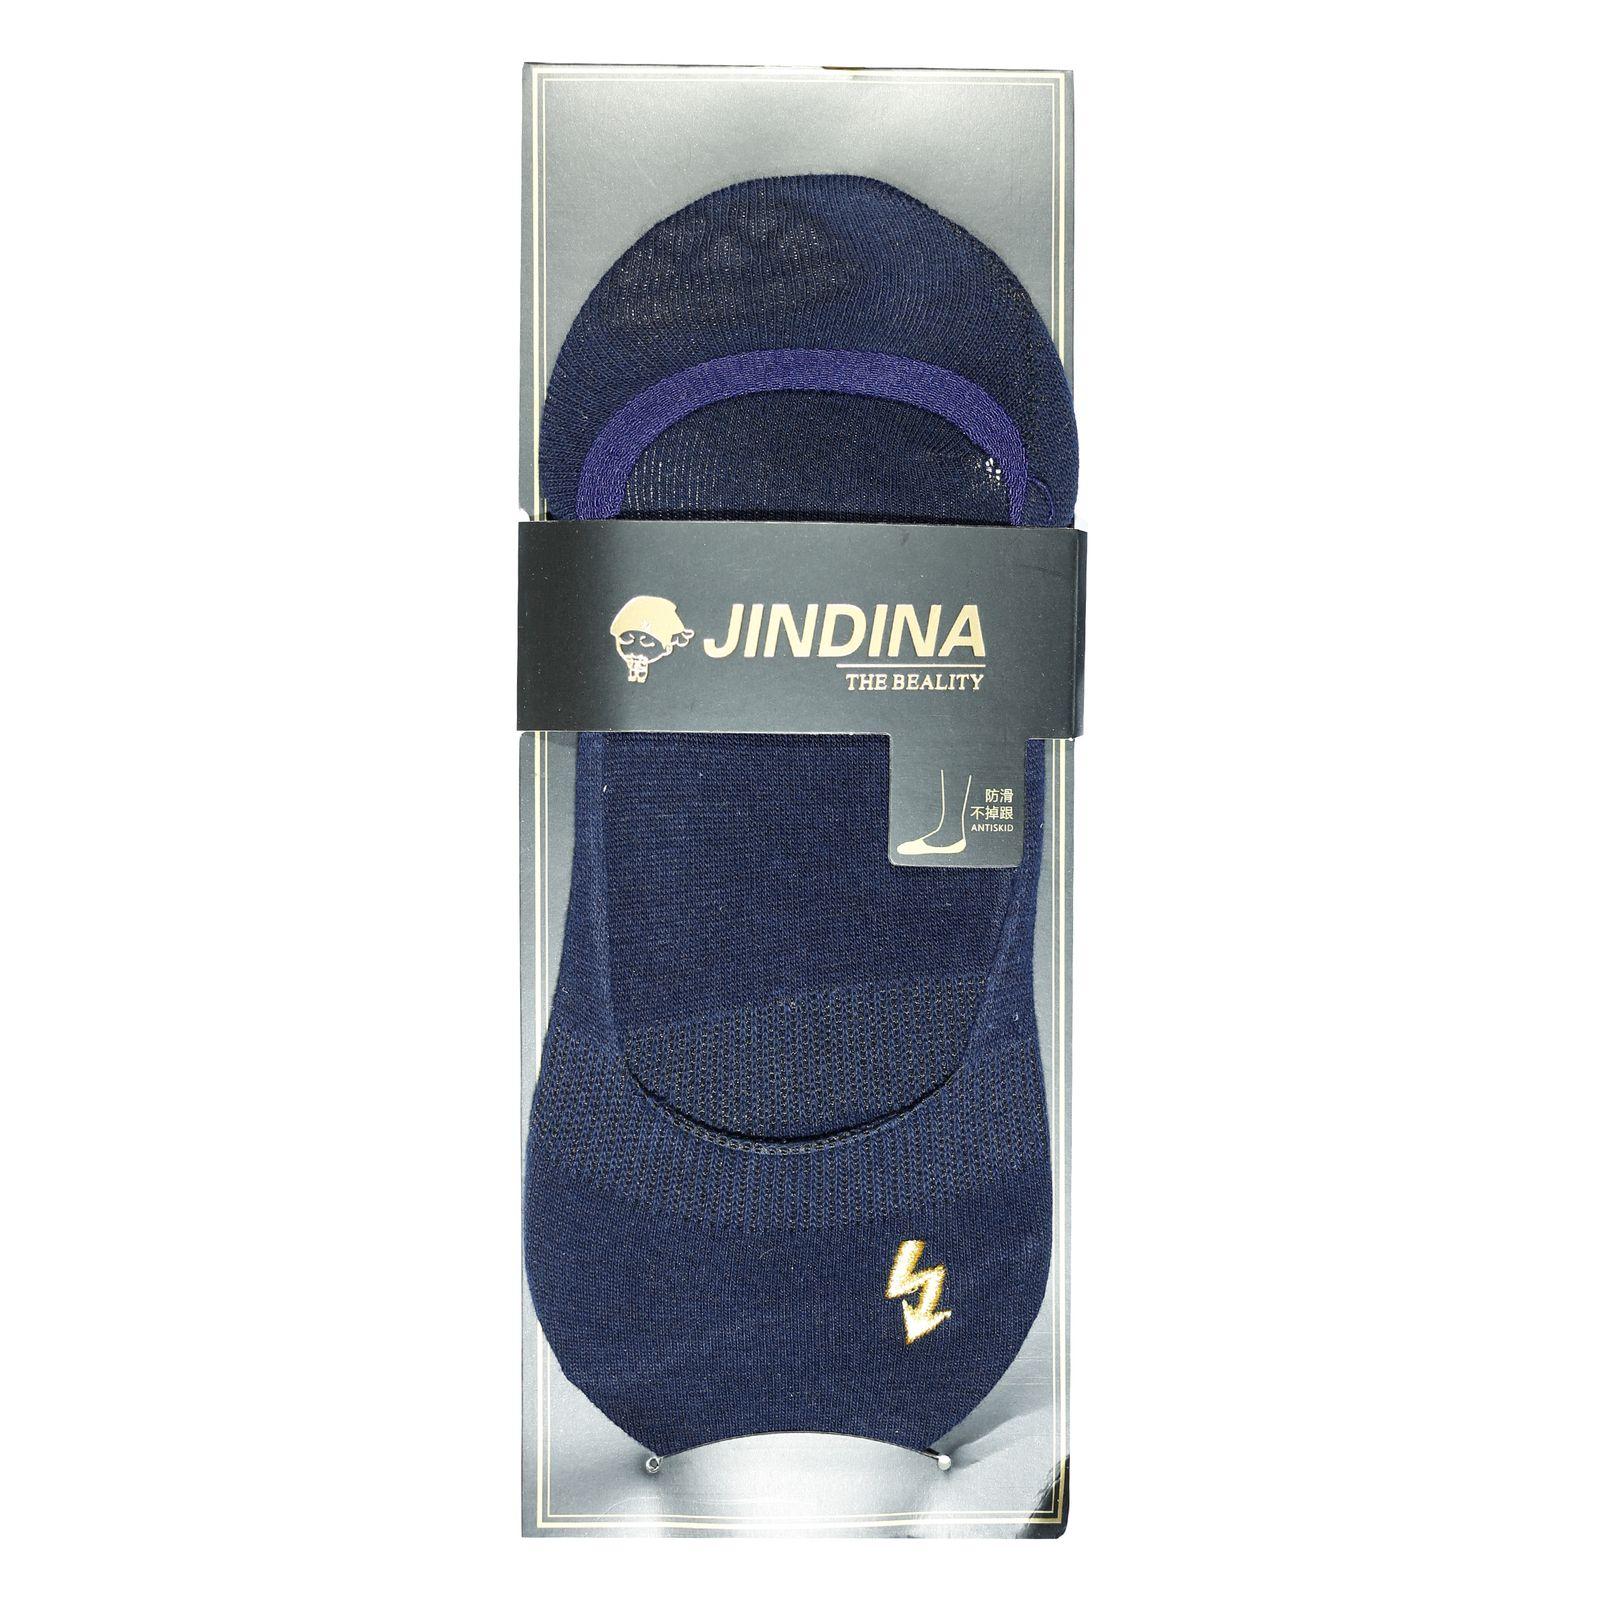 جوراب مردانه جین دینا کد RG-CK 112 -  - 3